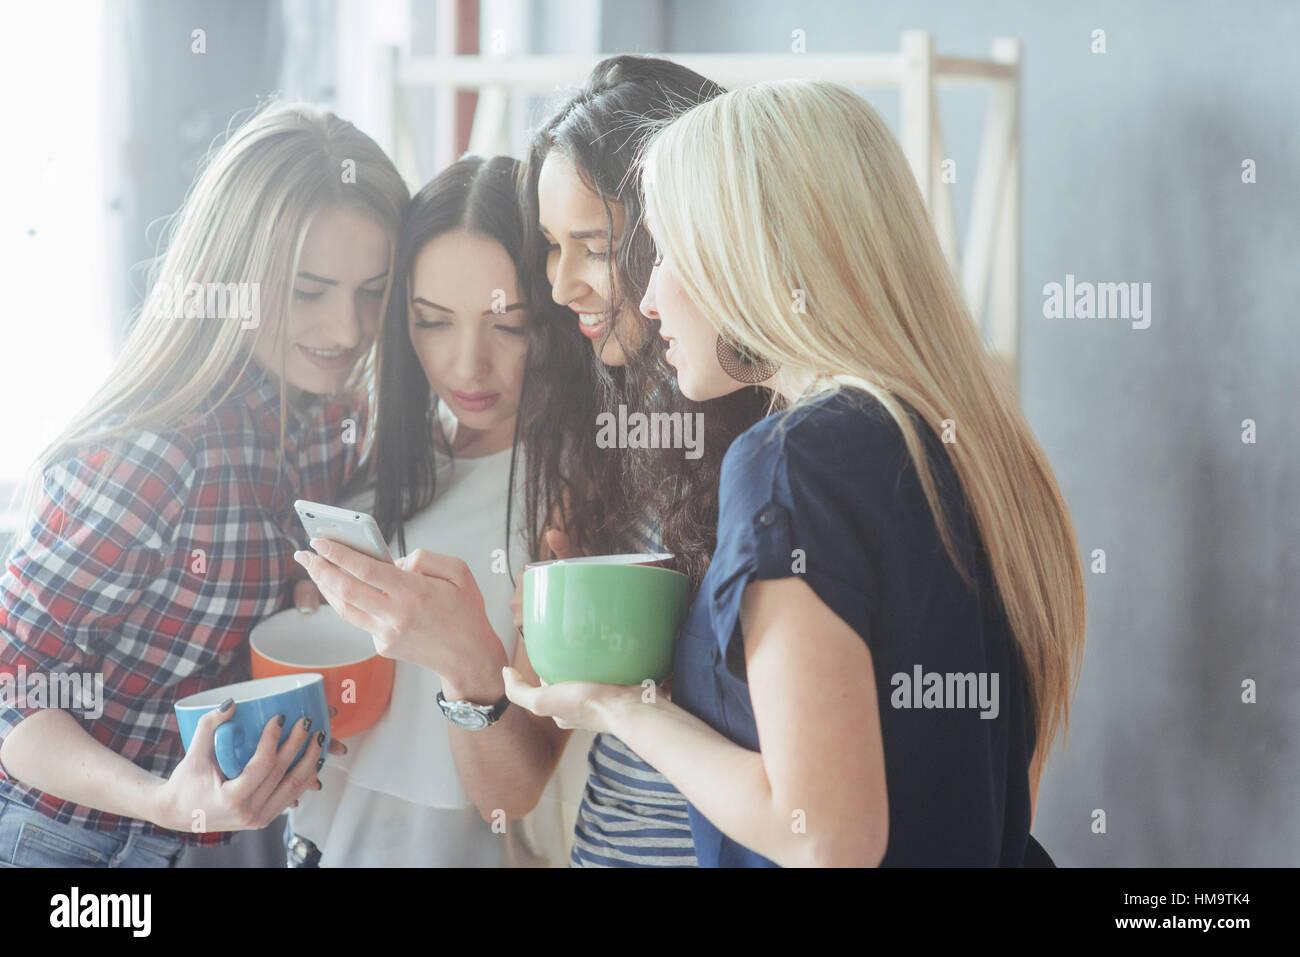 Beau groupe de jeunes bénéficiant de la conversation et de boire du café, meilleurs amis des filles s'amuser ensemble, Banque D'Images